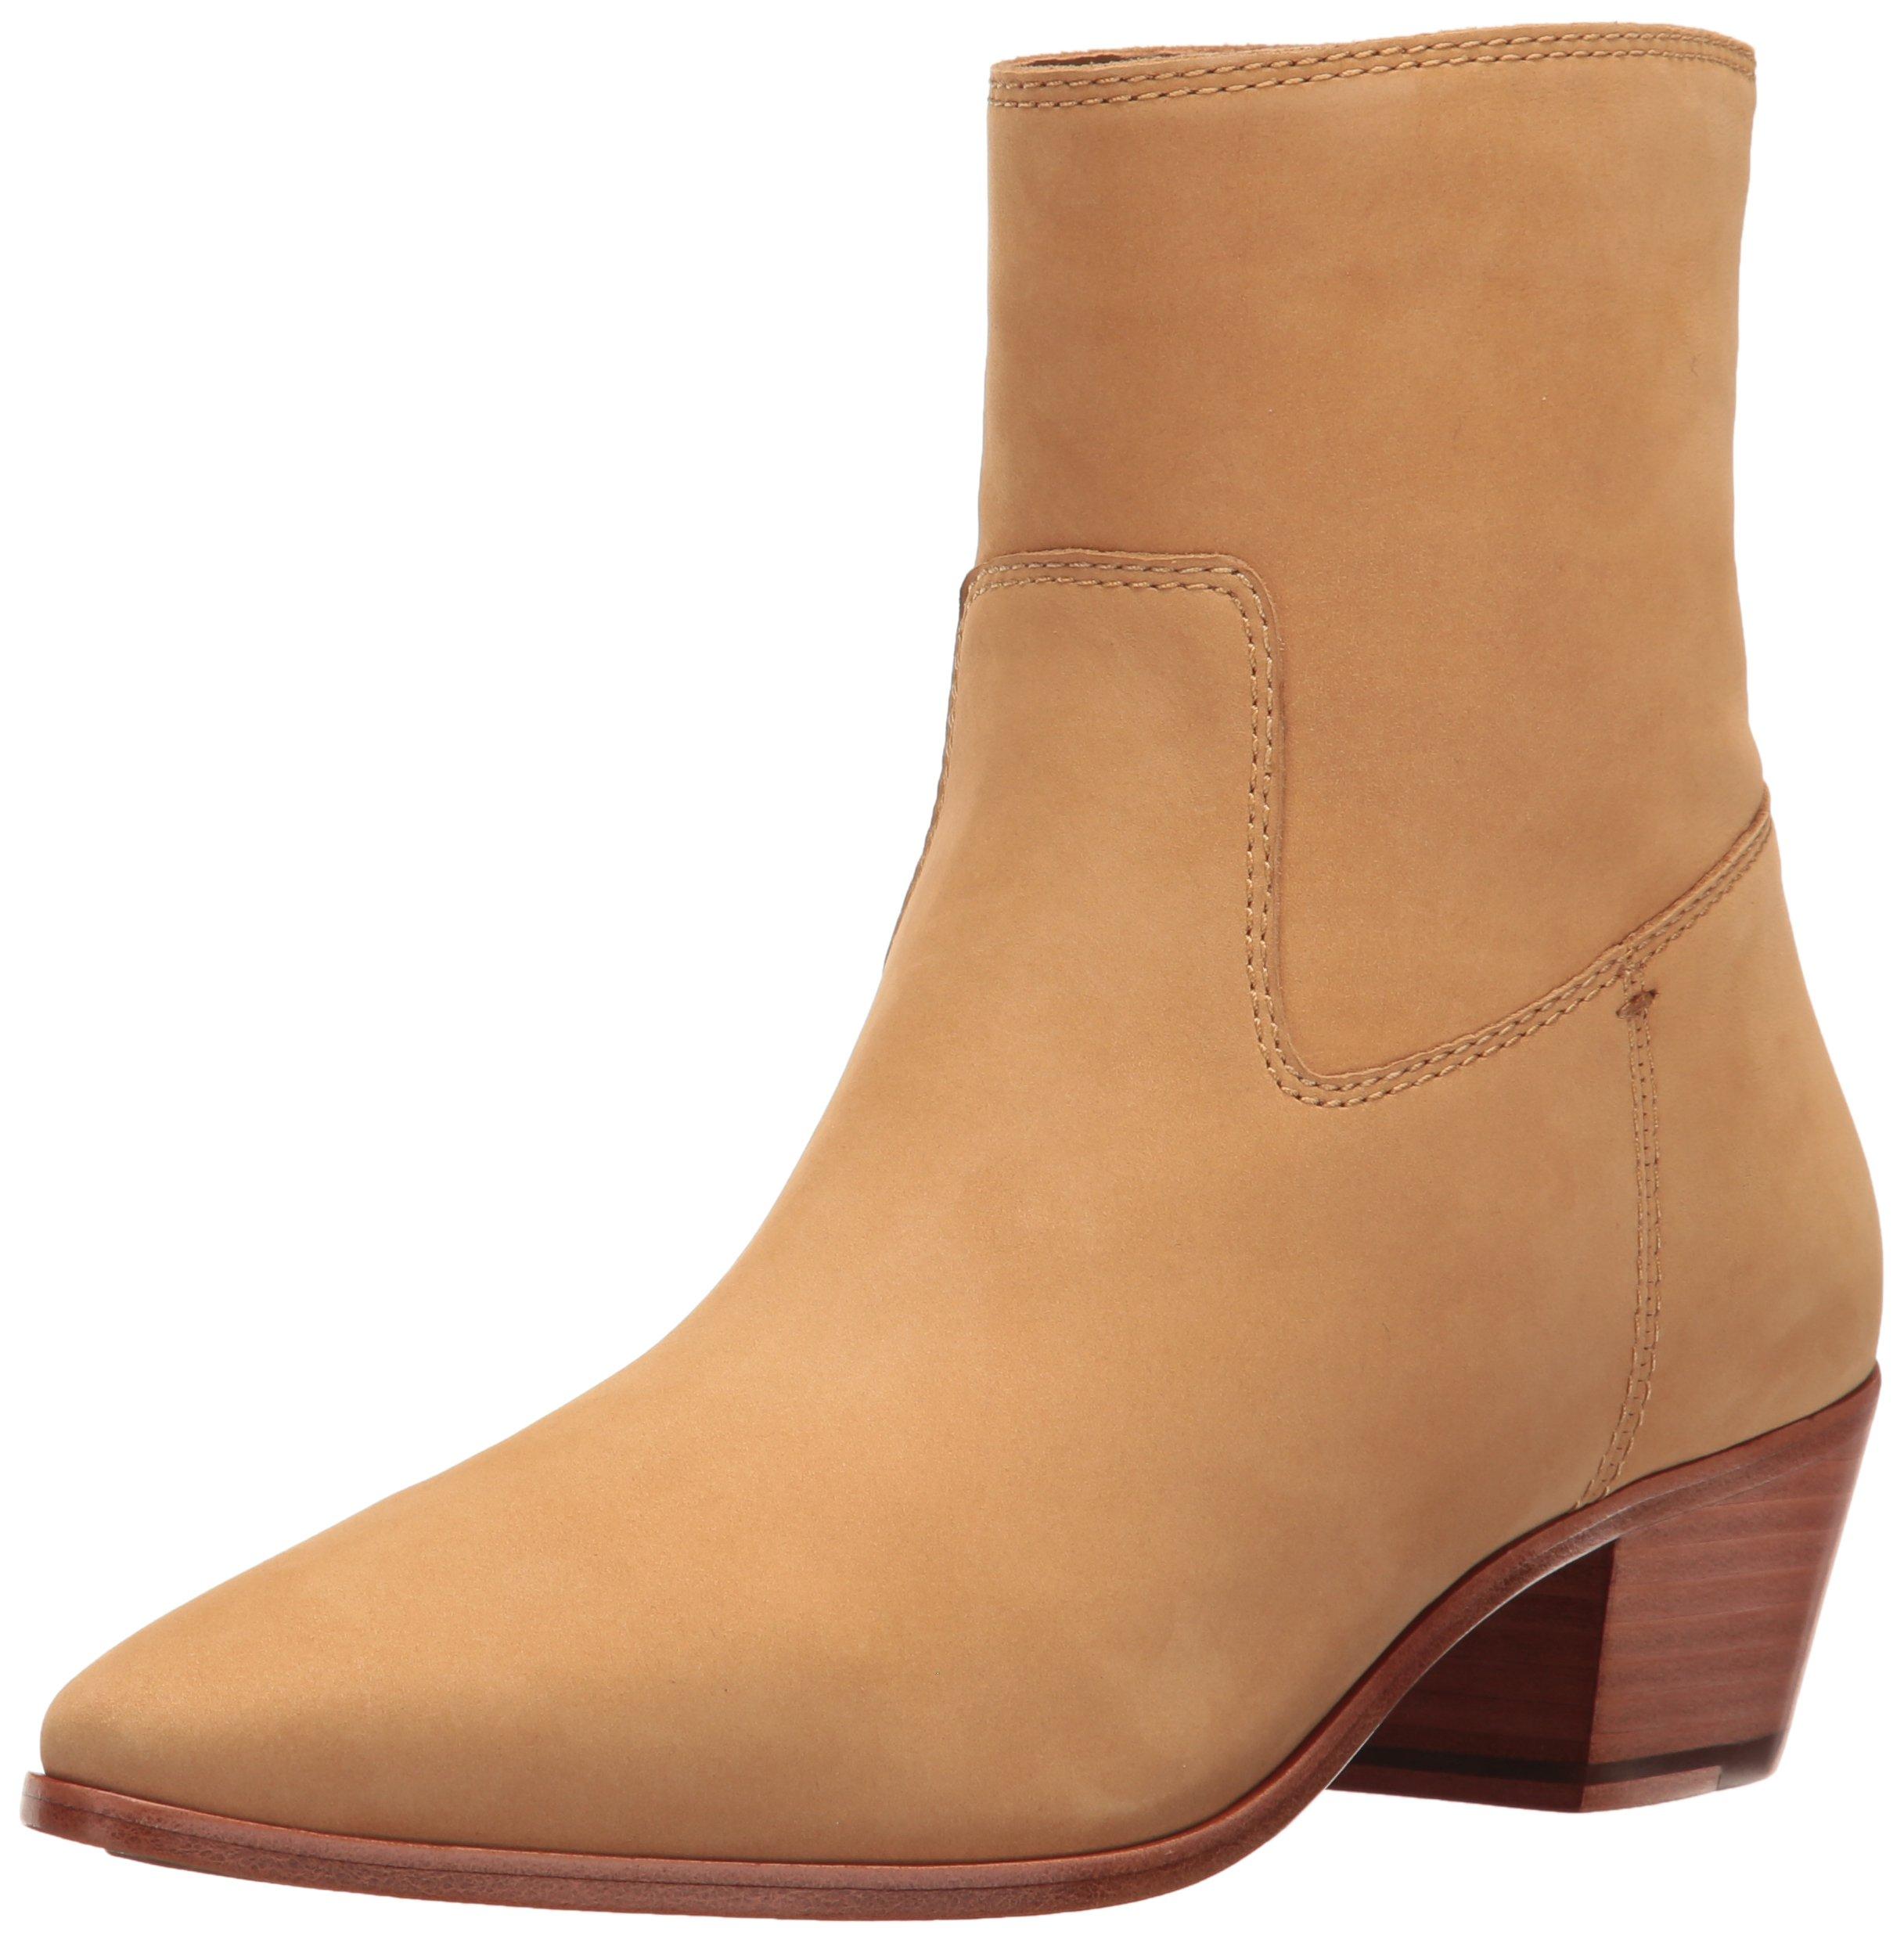 FRYE Women's Ellen Short Western Boot, Sand, 7.5 M US